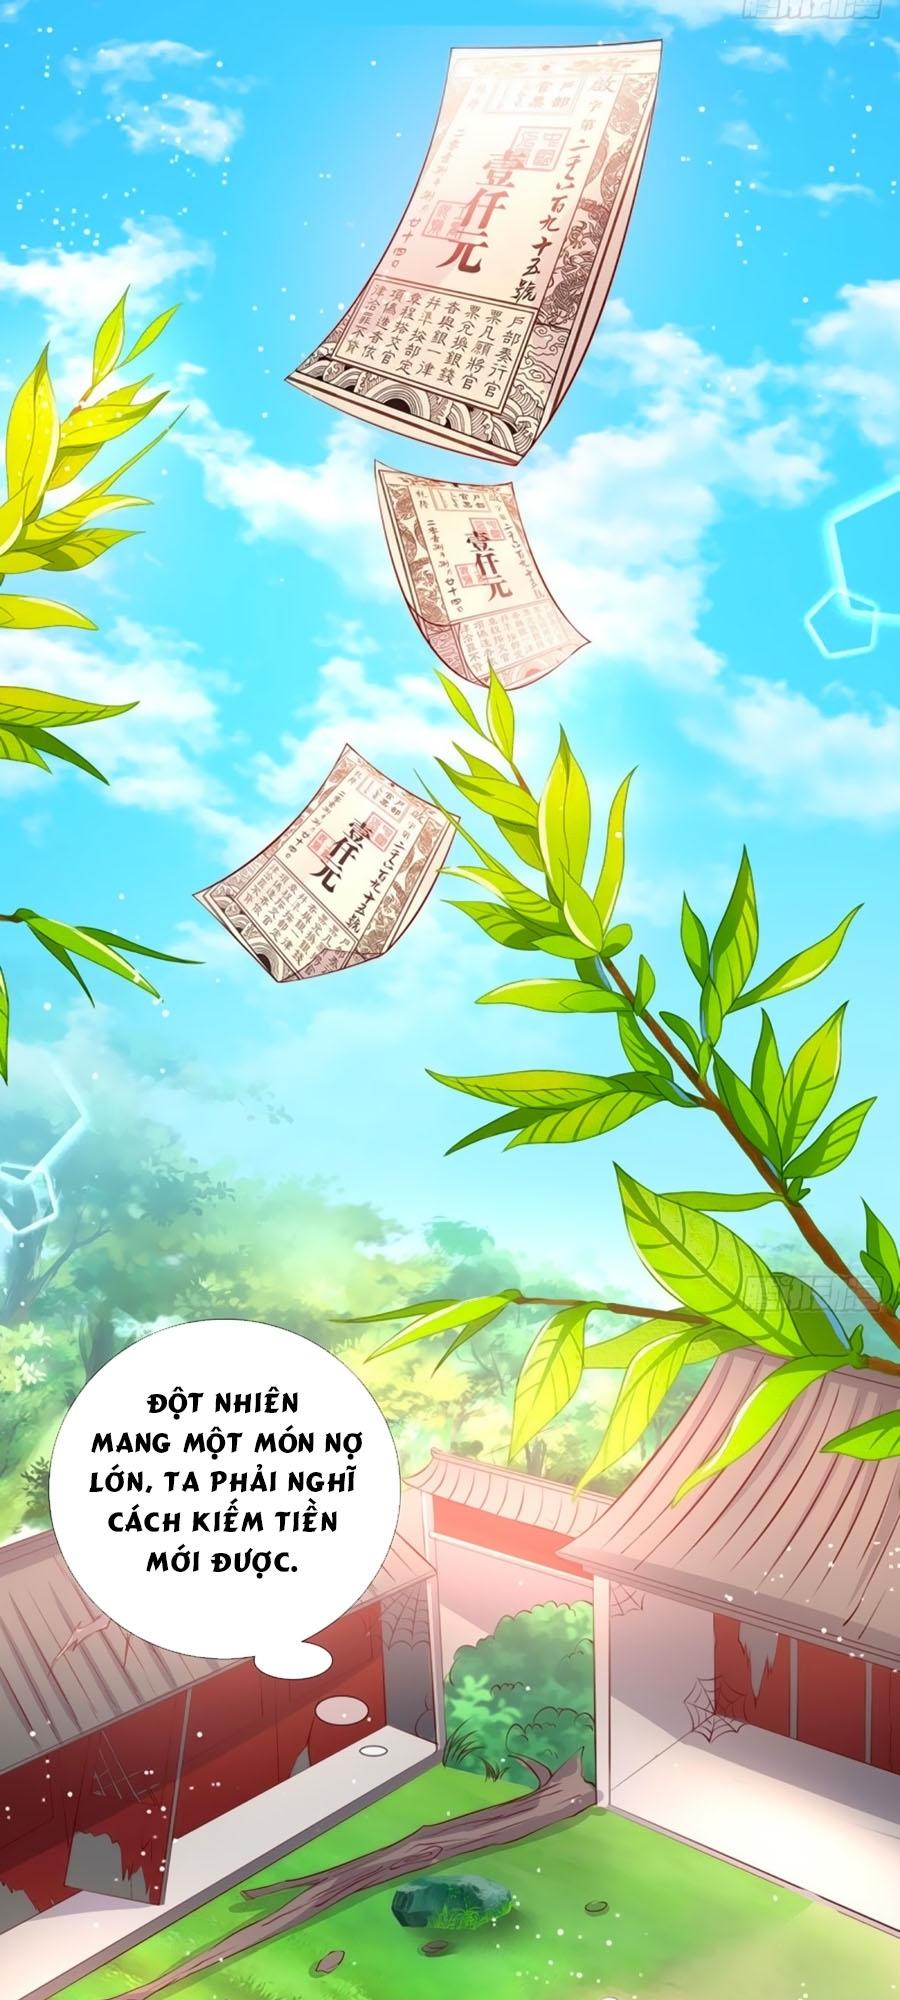 Dưỡng Thú Vi Phi chap 27 - Trang 21